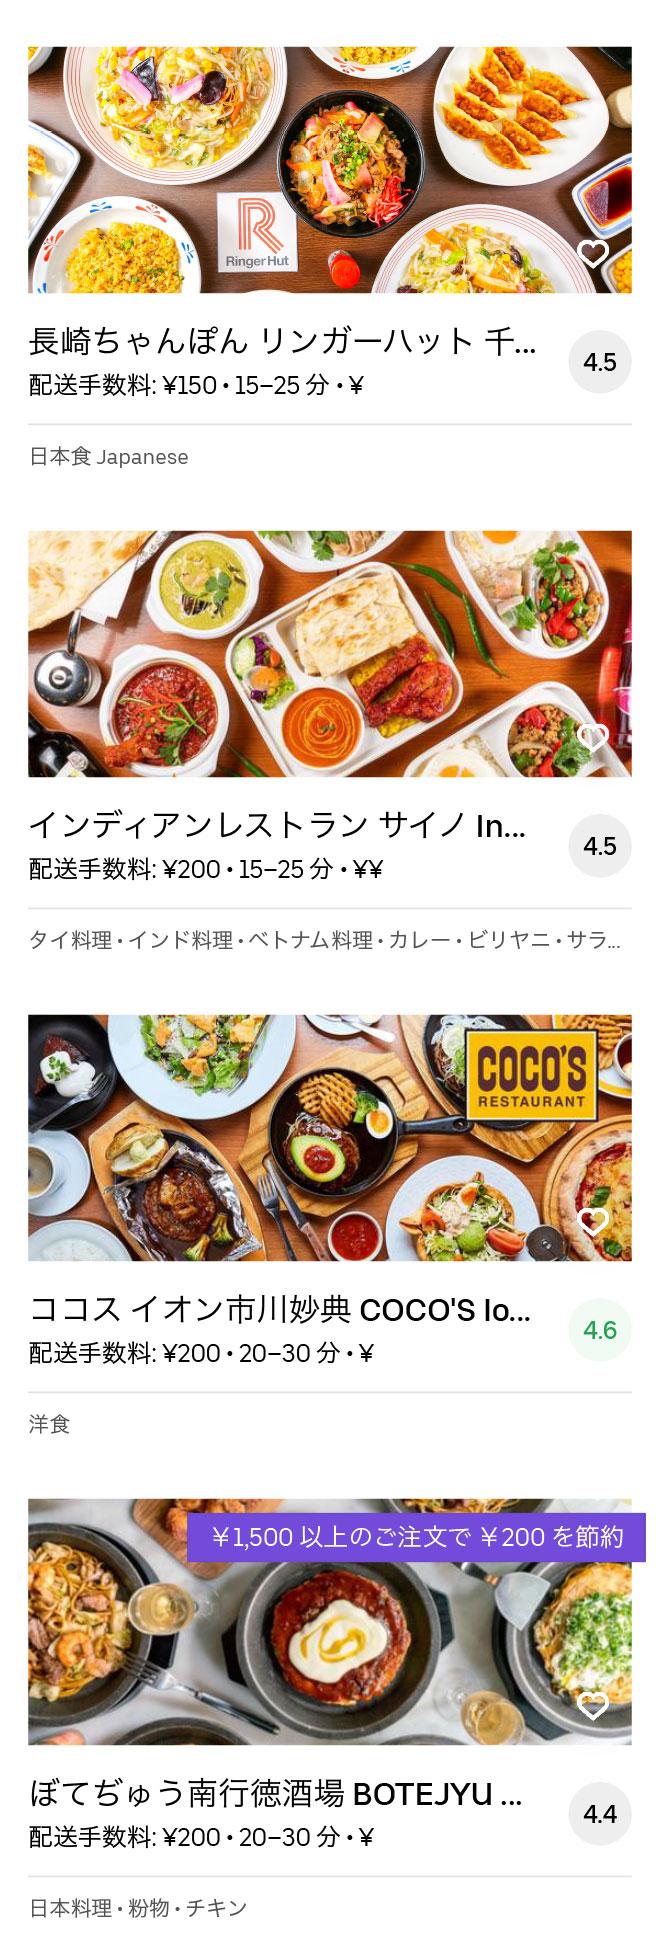 Ichikawa gyotoku menu 2004 10